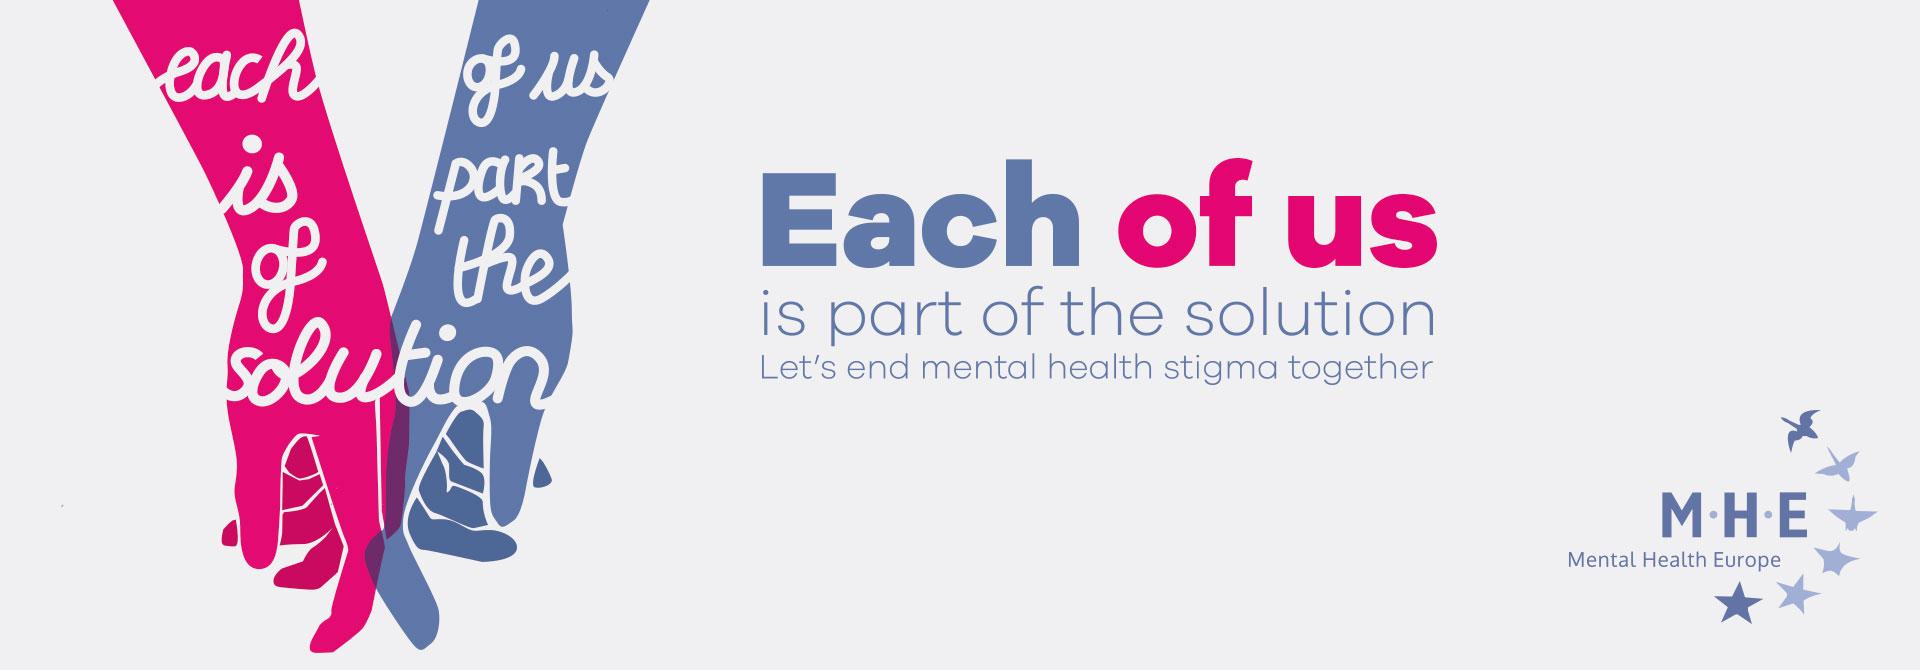 mental_health_europe_each_of_us